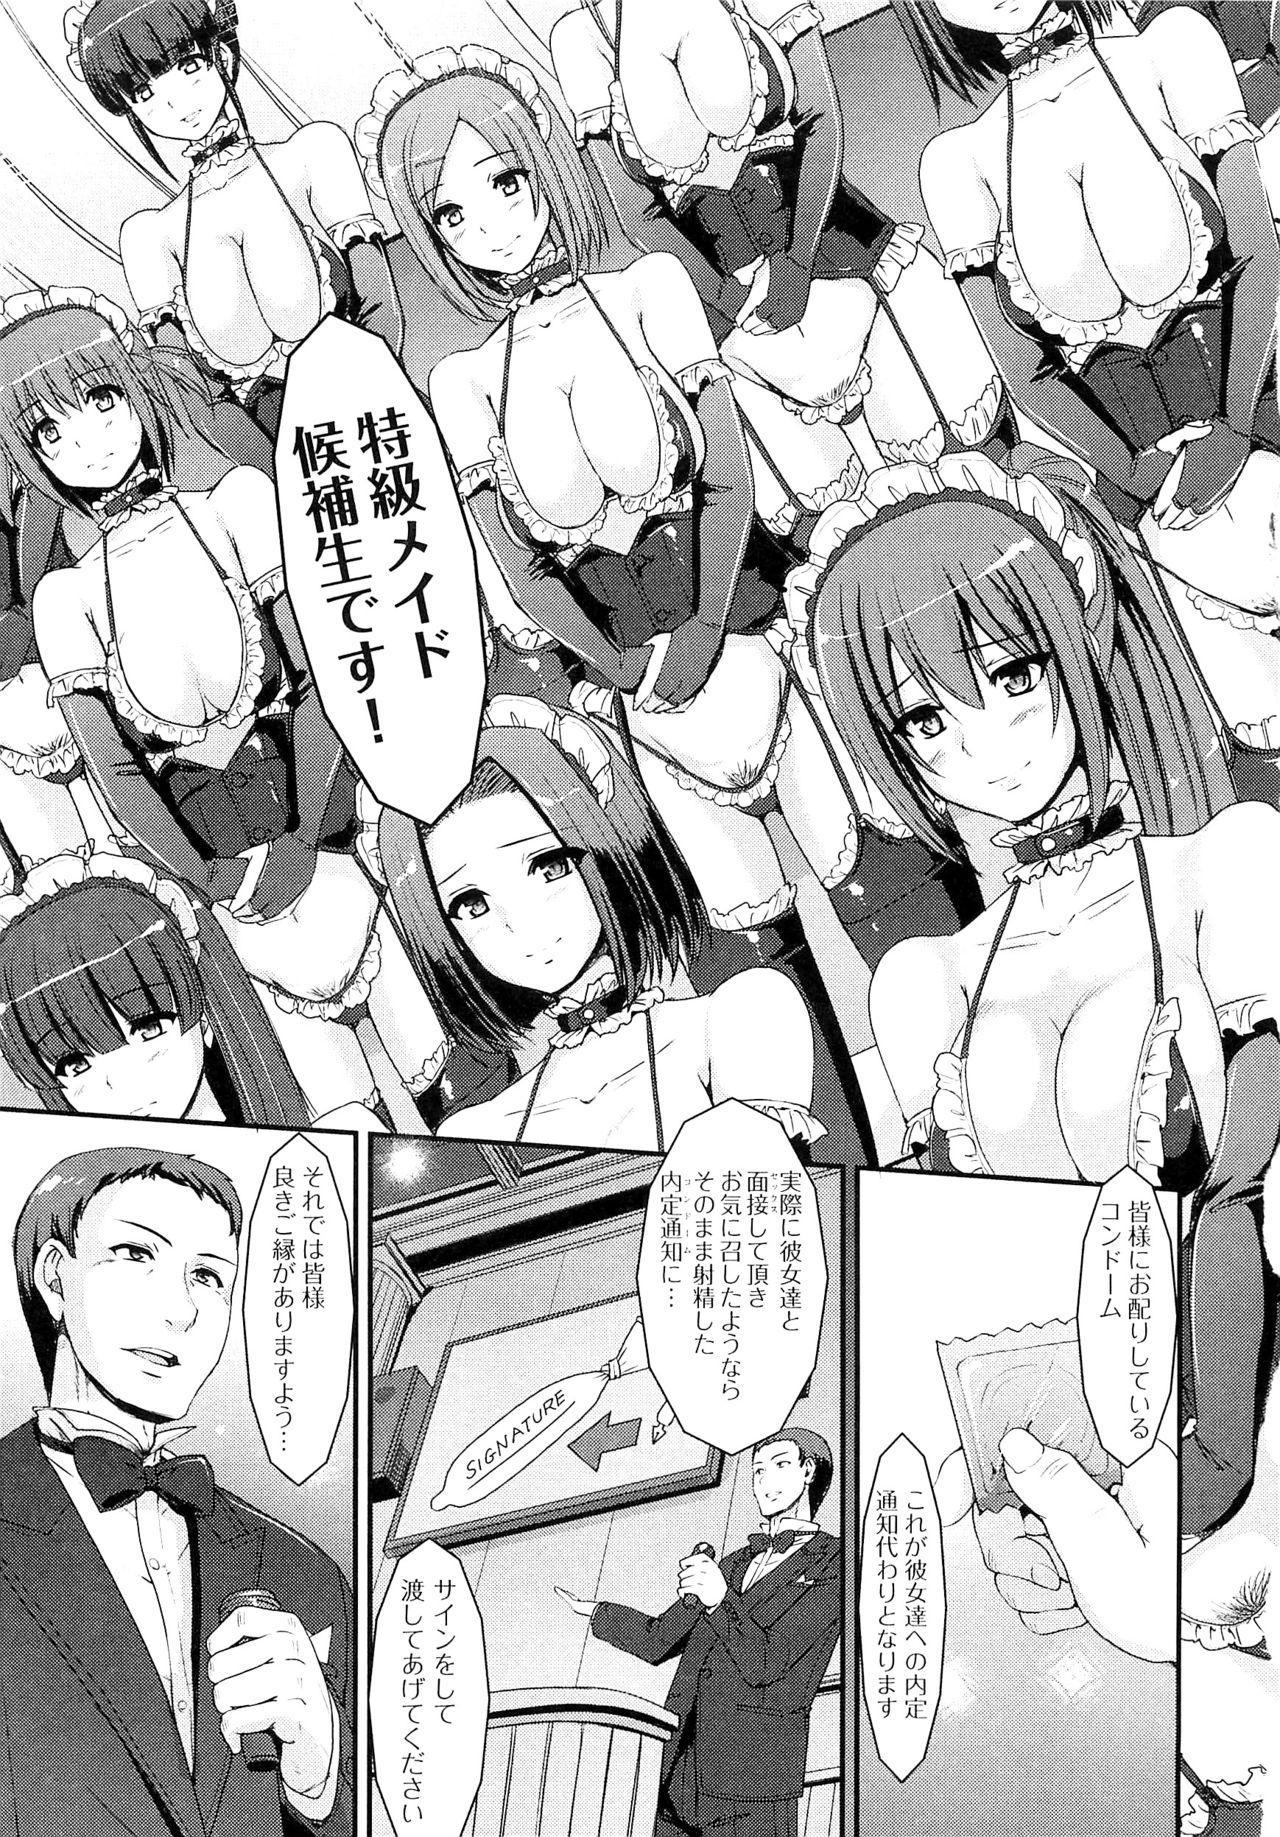 Maid Gakuen e Youkoso!! - Welcome to Maid Academy 118